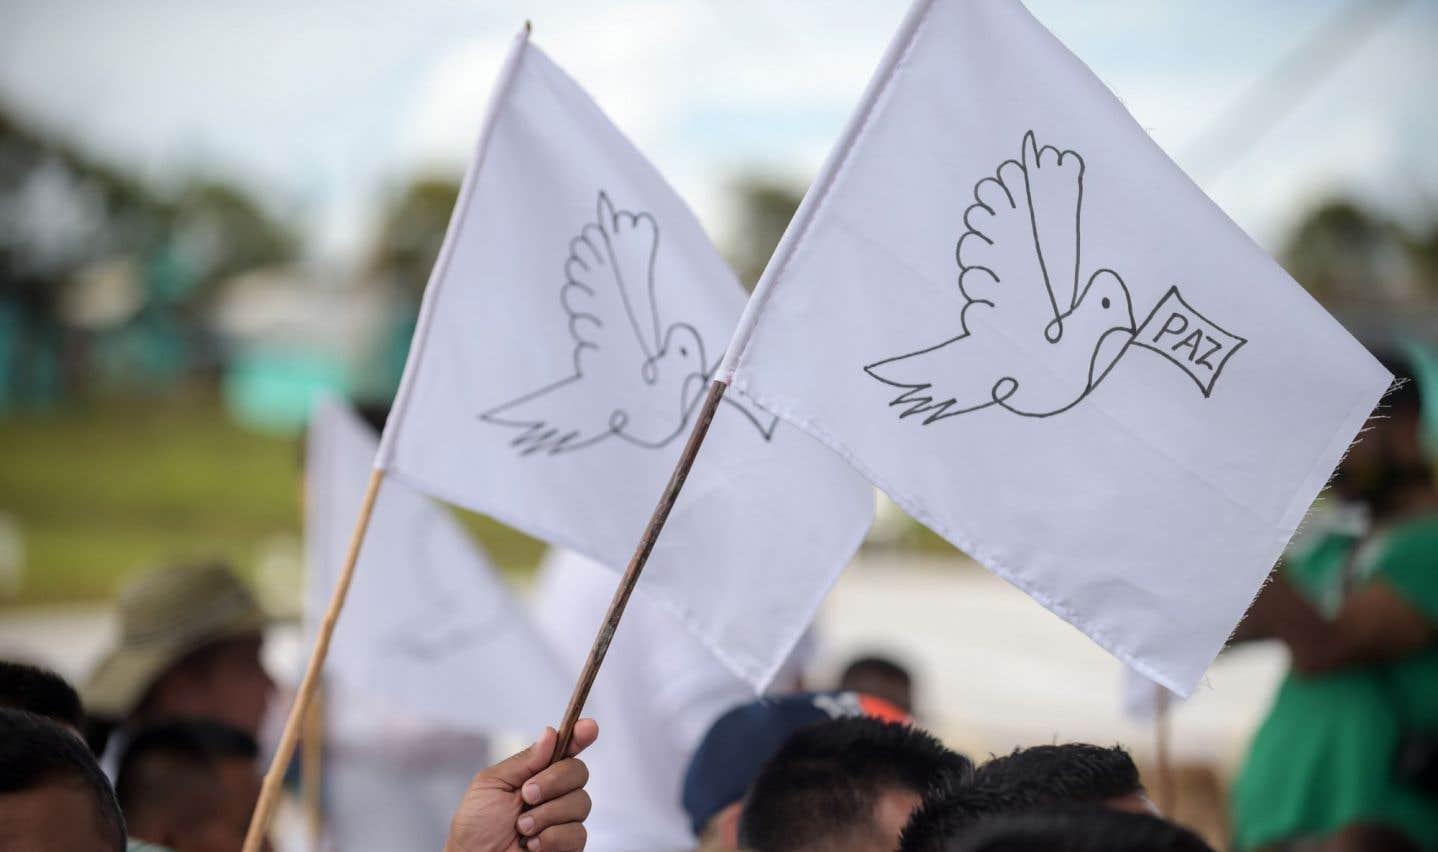 L'ex-guérilla des FARC devient le parti Force alternative révolutionnaire commune